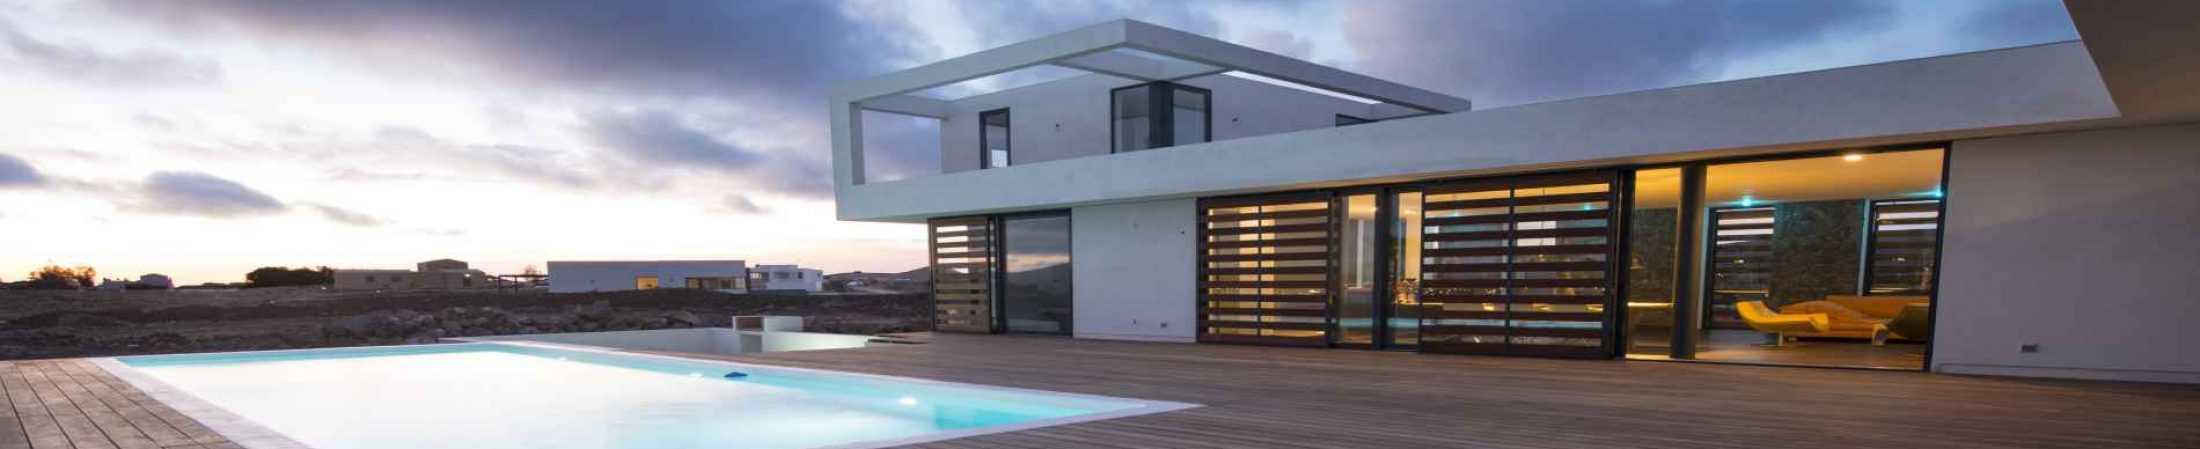 Agence Gardon – agence immobilière pour l'achat, la vente et la location sur Annonay